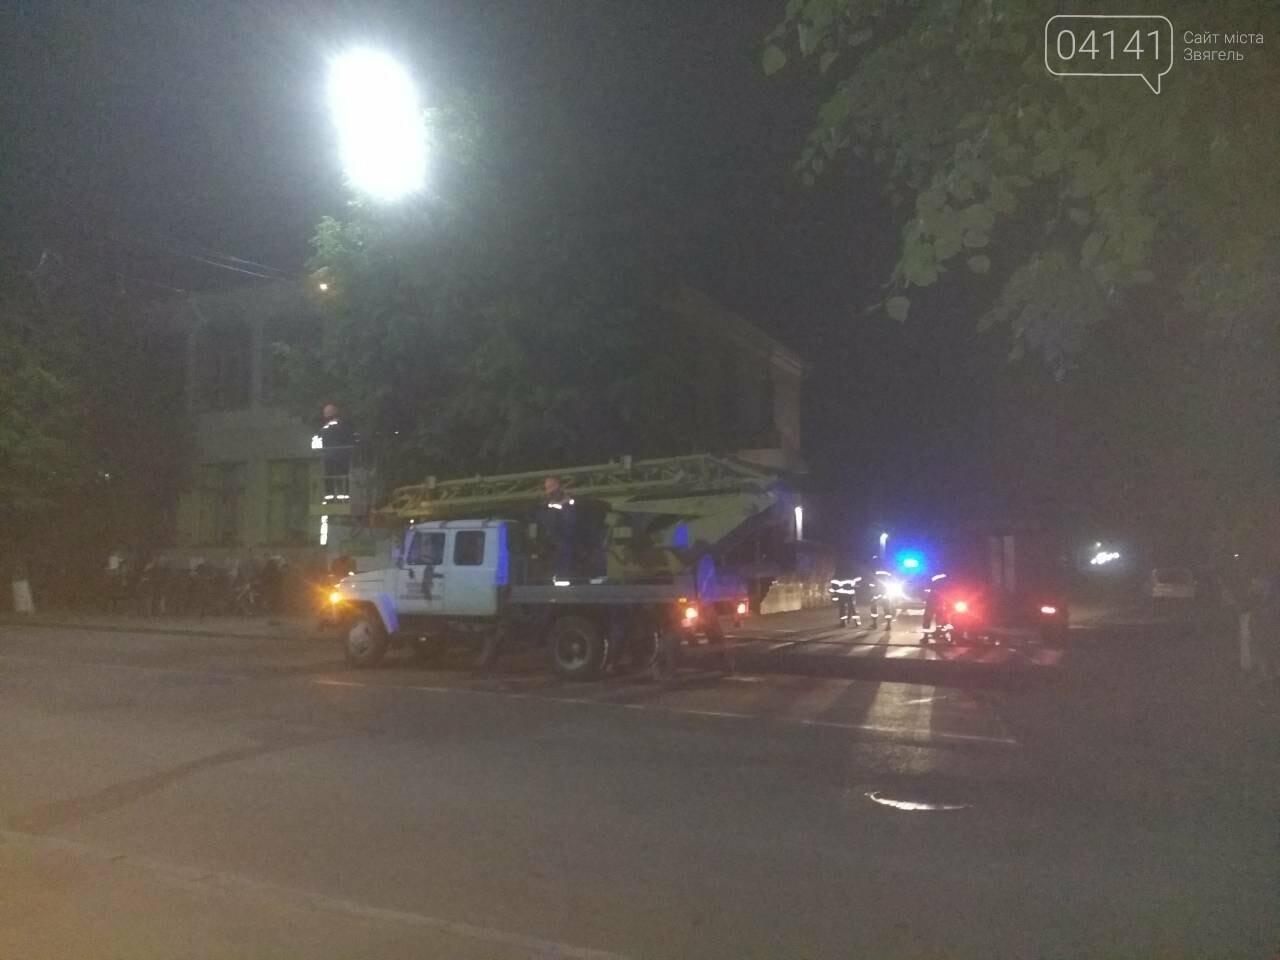 Замикання лінії електропередач ледь не призвело до пожежі в центрі Новограда-Волинського, фото-1